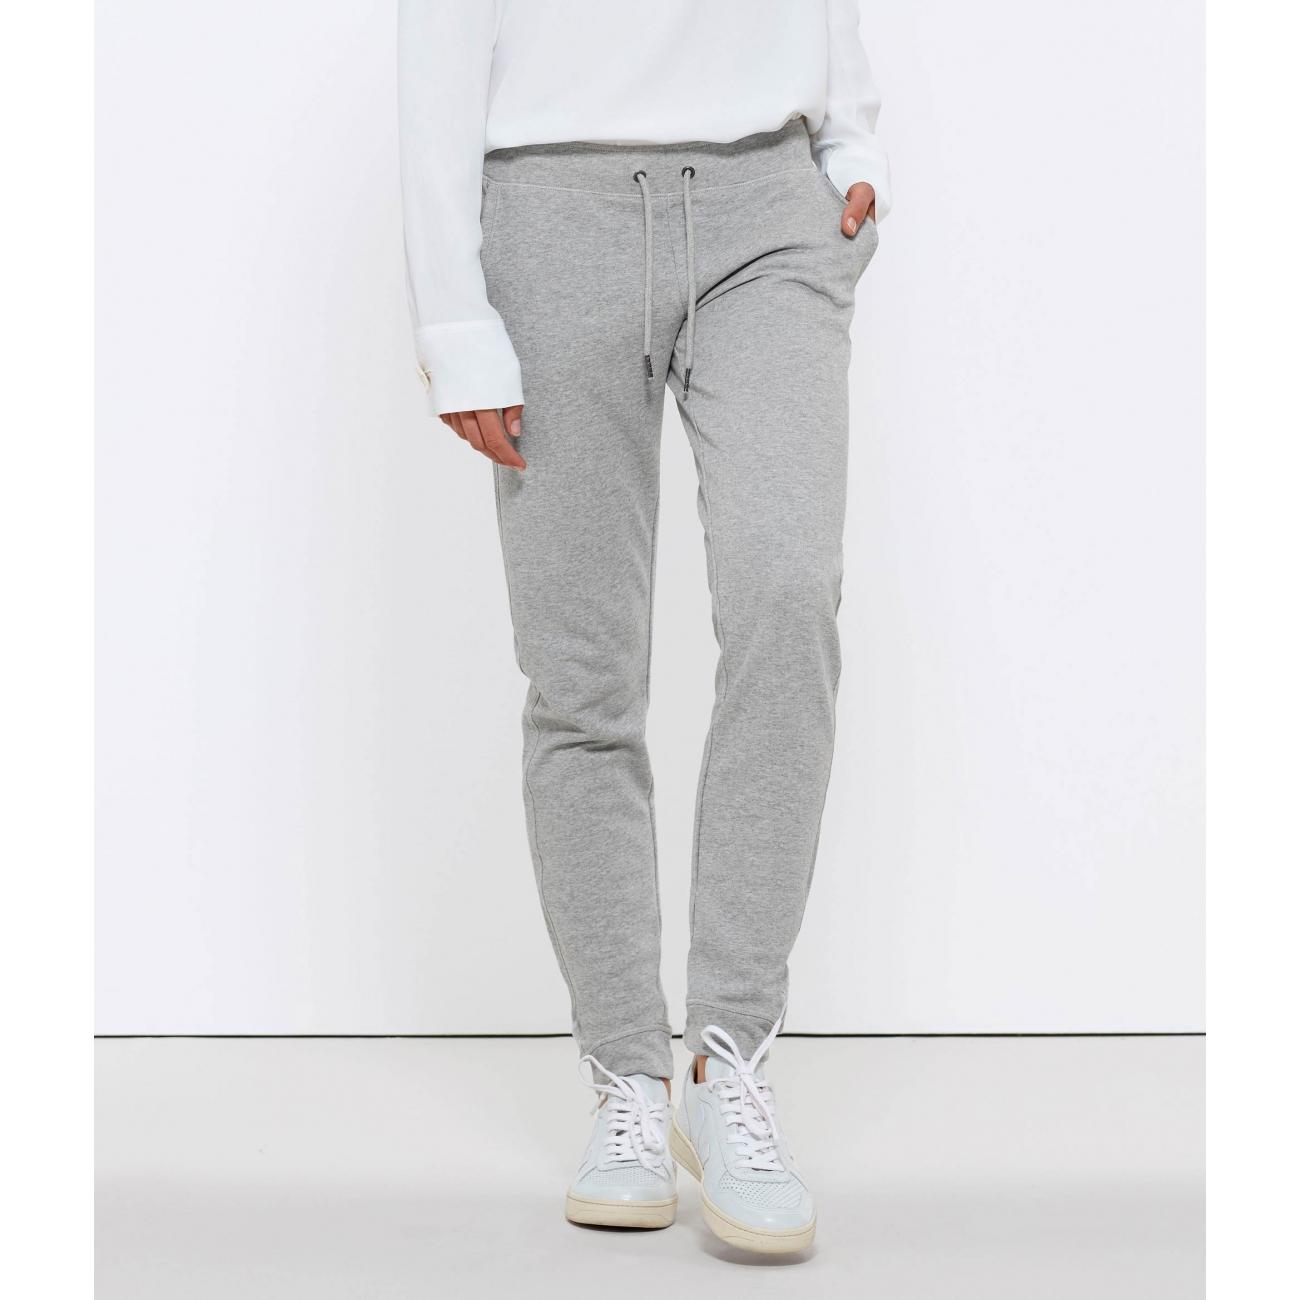 http://tee-shirt-bio.com/5604-thickbox_default/pantalon-de-jogging-en-coton-bio-gris-chine-pour-femme.jpg